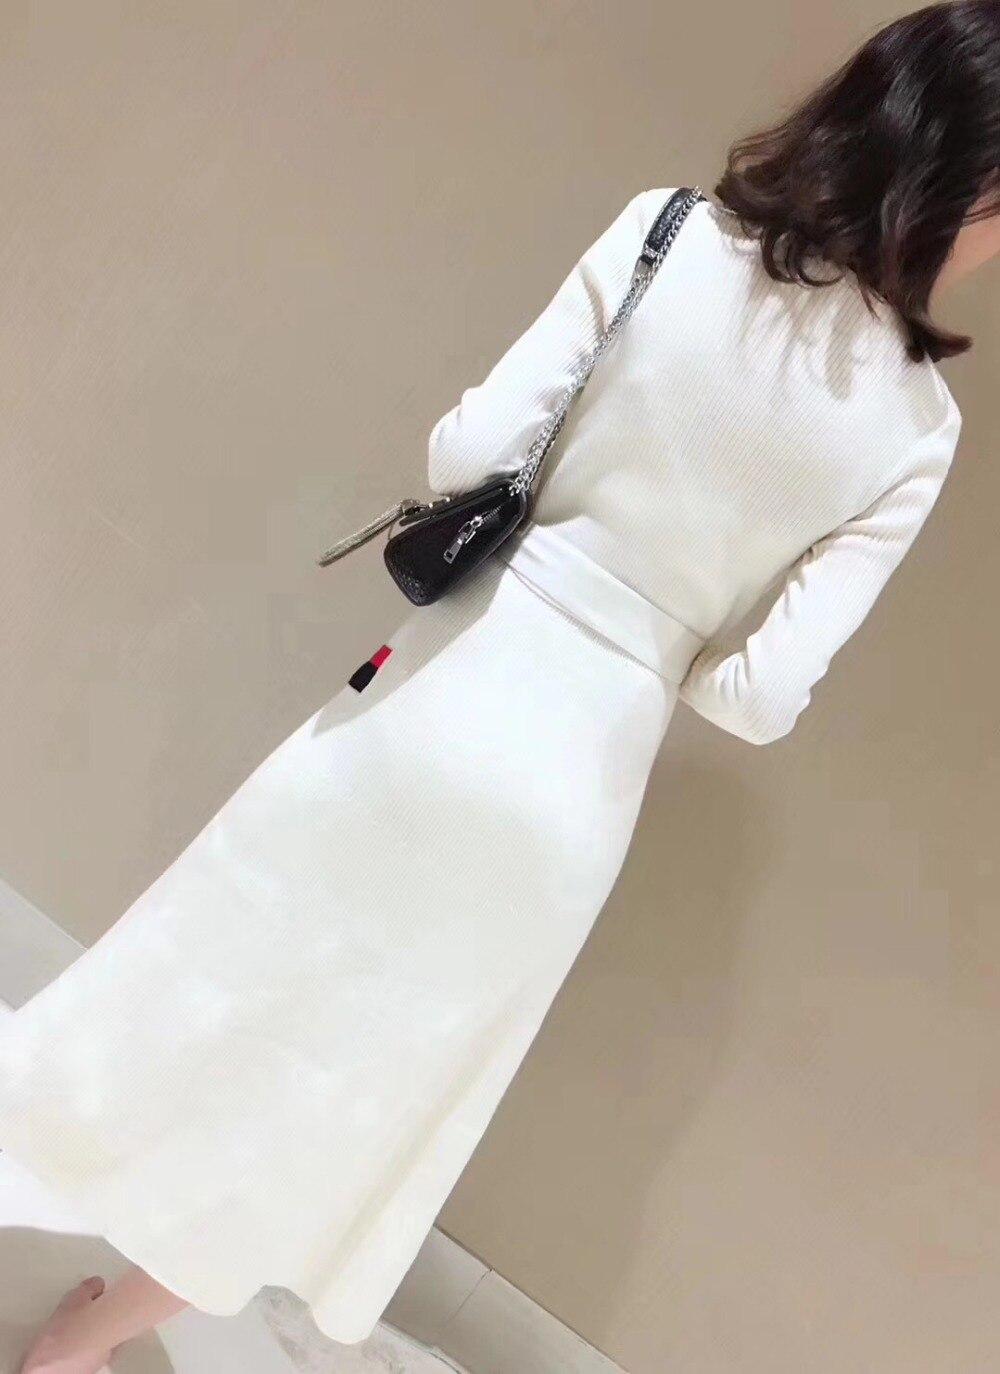 Sexy Longues 2018 Manches Cou À Trois Rayé Robe Vente Cardigans Automne Mode Couleurs Ceintures Chaude Nouvelle V Tricoté Pic as Pic As Femmes Moulante wOqSF